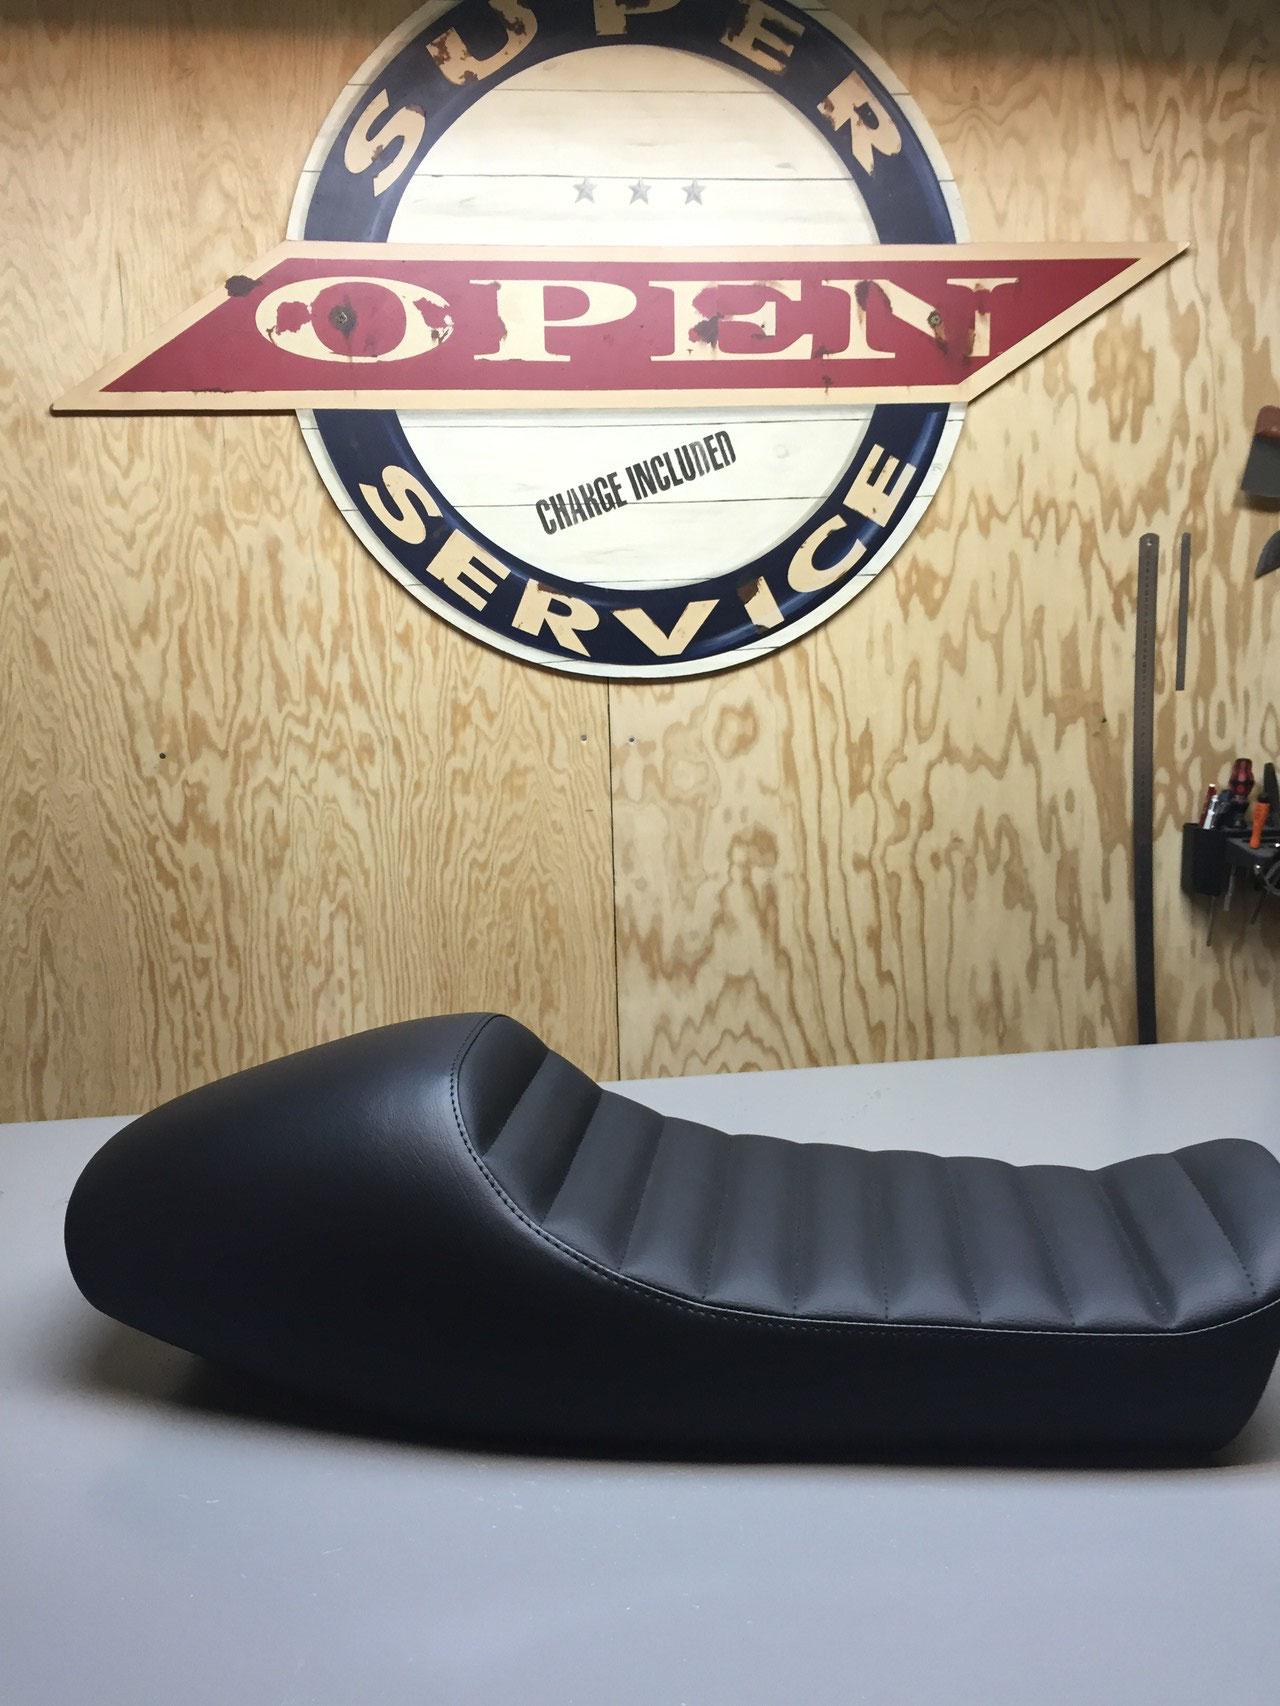 la moto vincent bouffort artisan sellier tapissier rennes. Black Bedroom Furniture Sets. Home Design Ideas